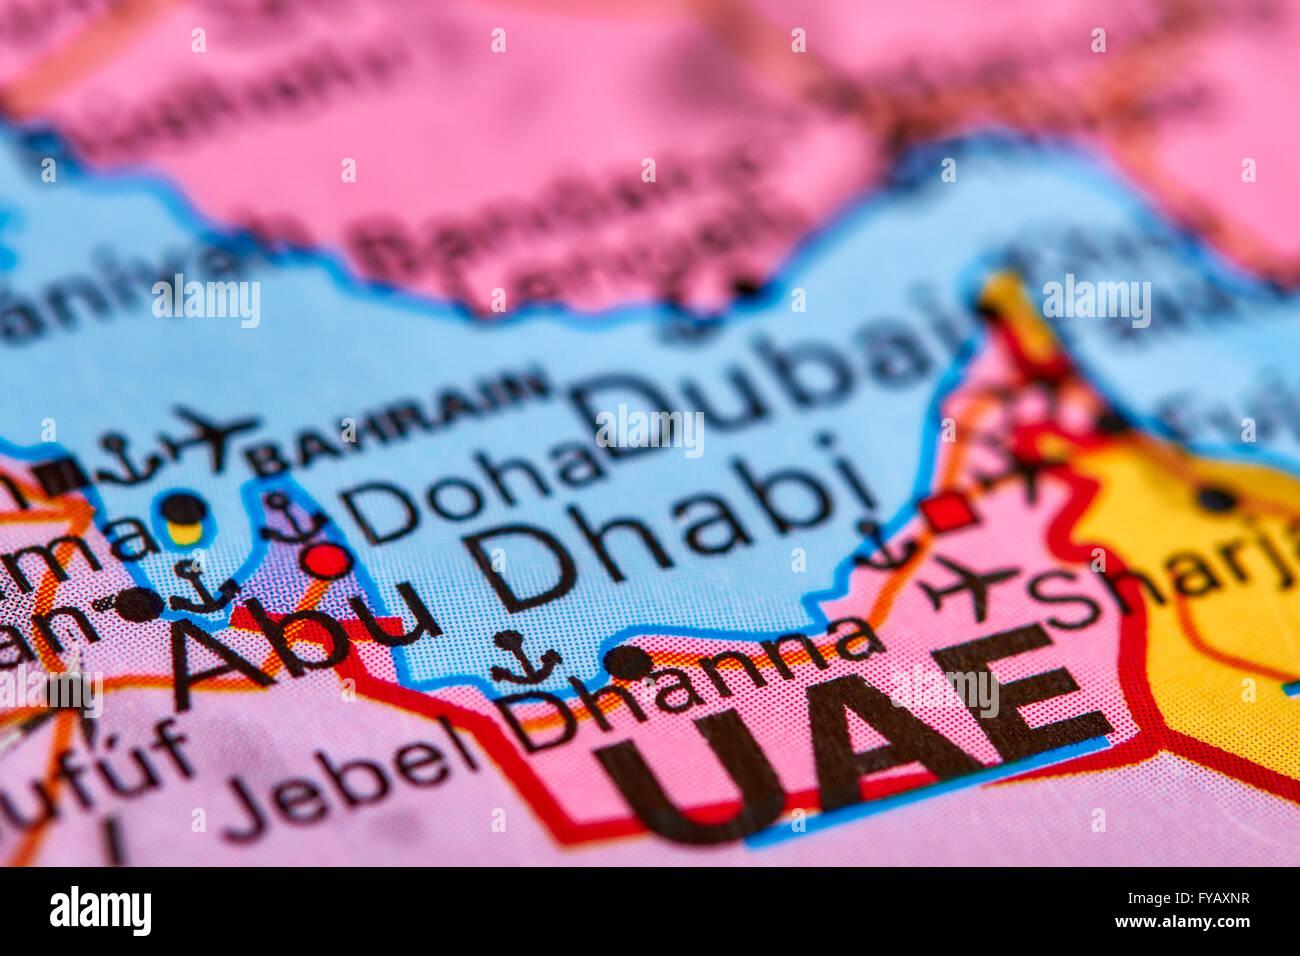 Abu Dhabi, Capital City of United Arab Emirates on the World Map - Stock Image